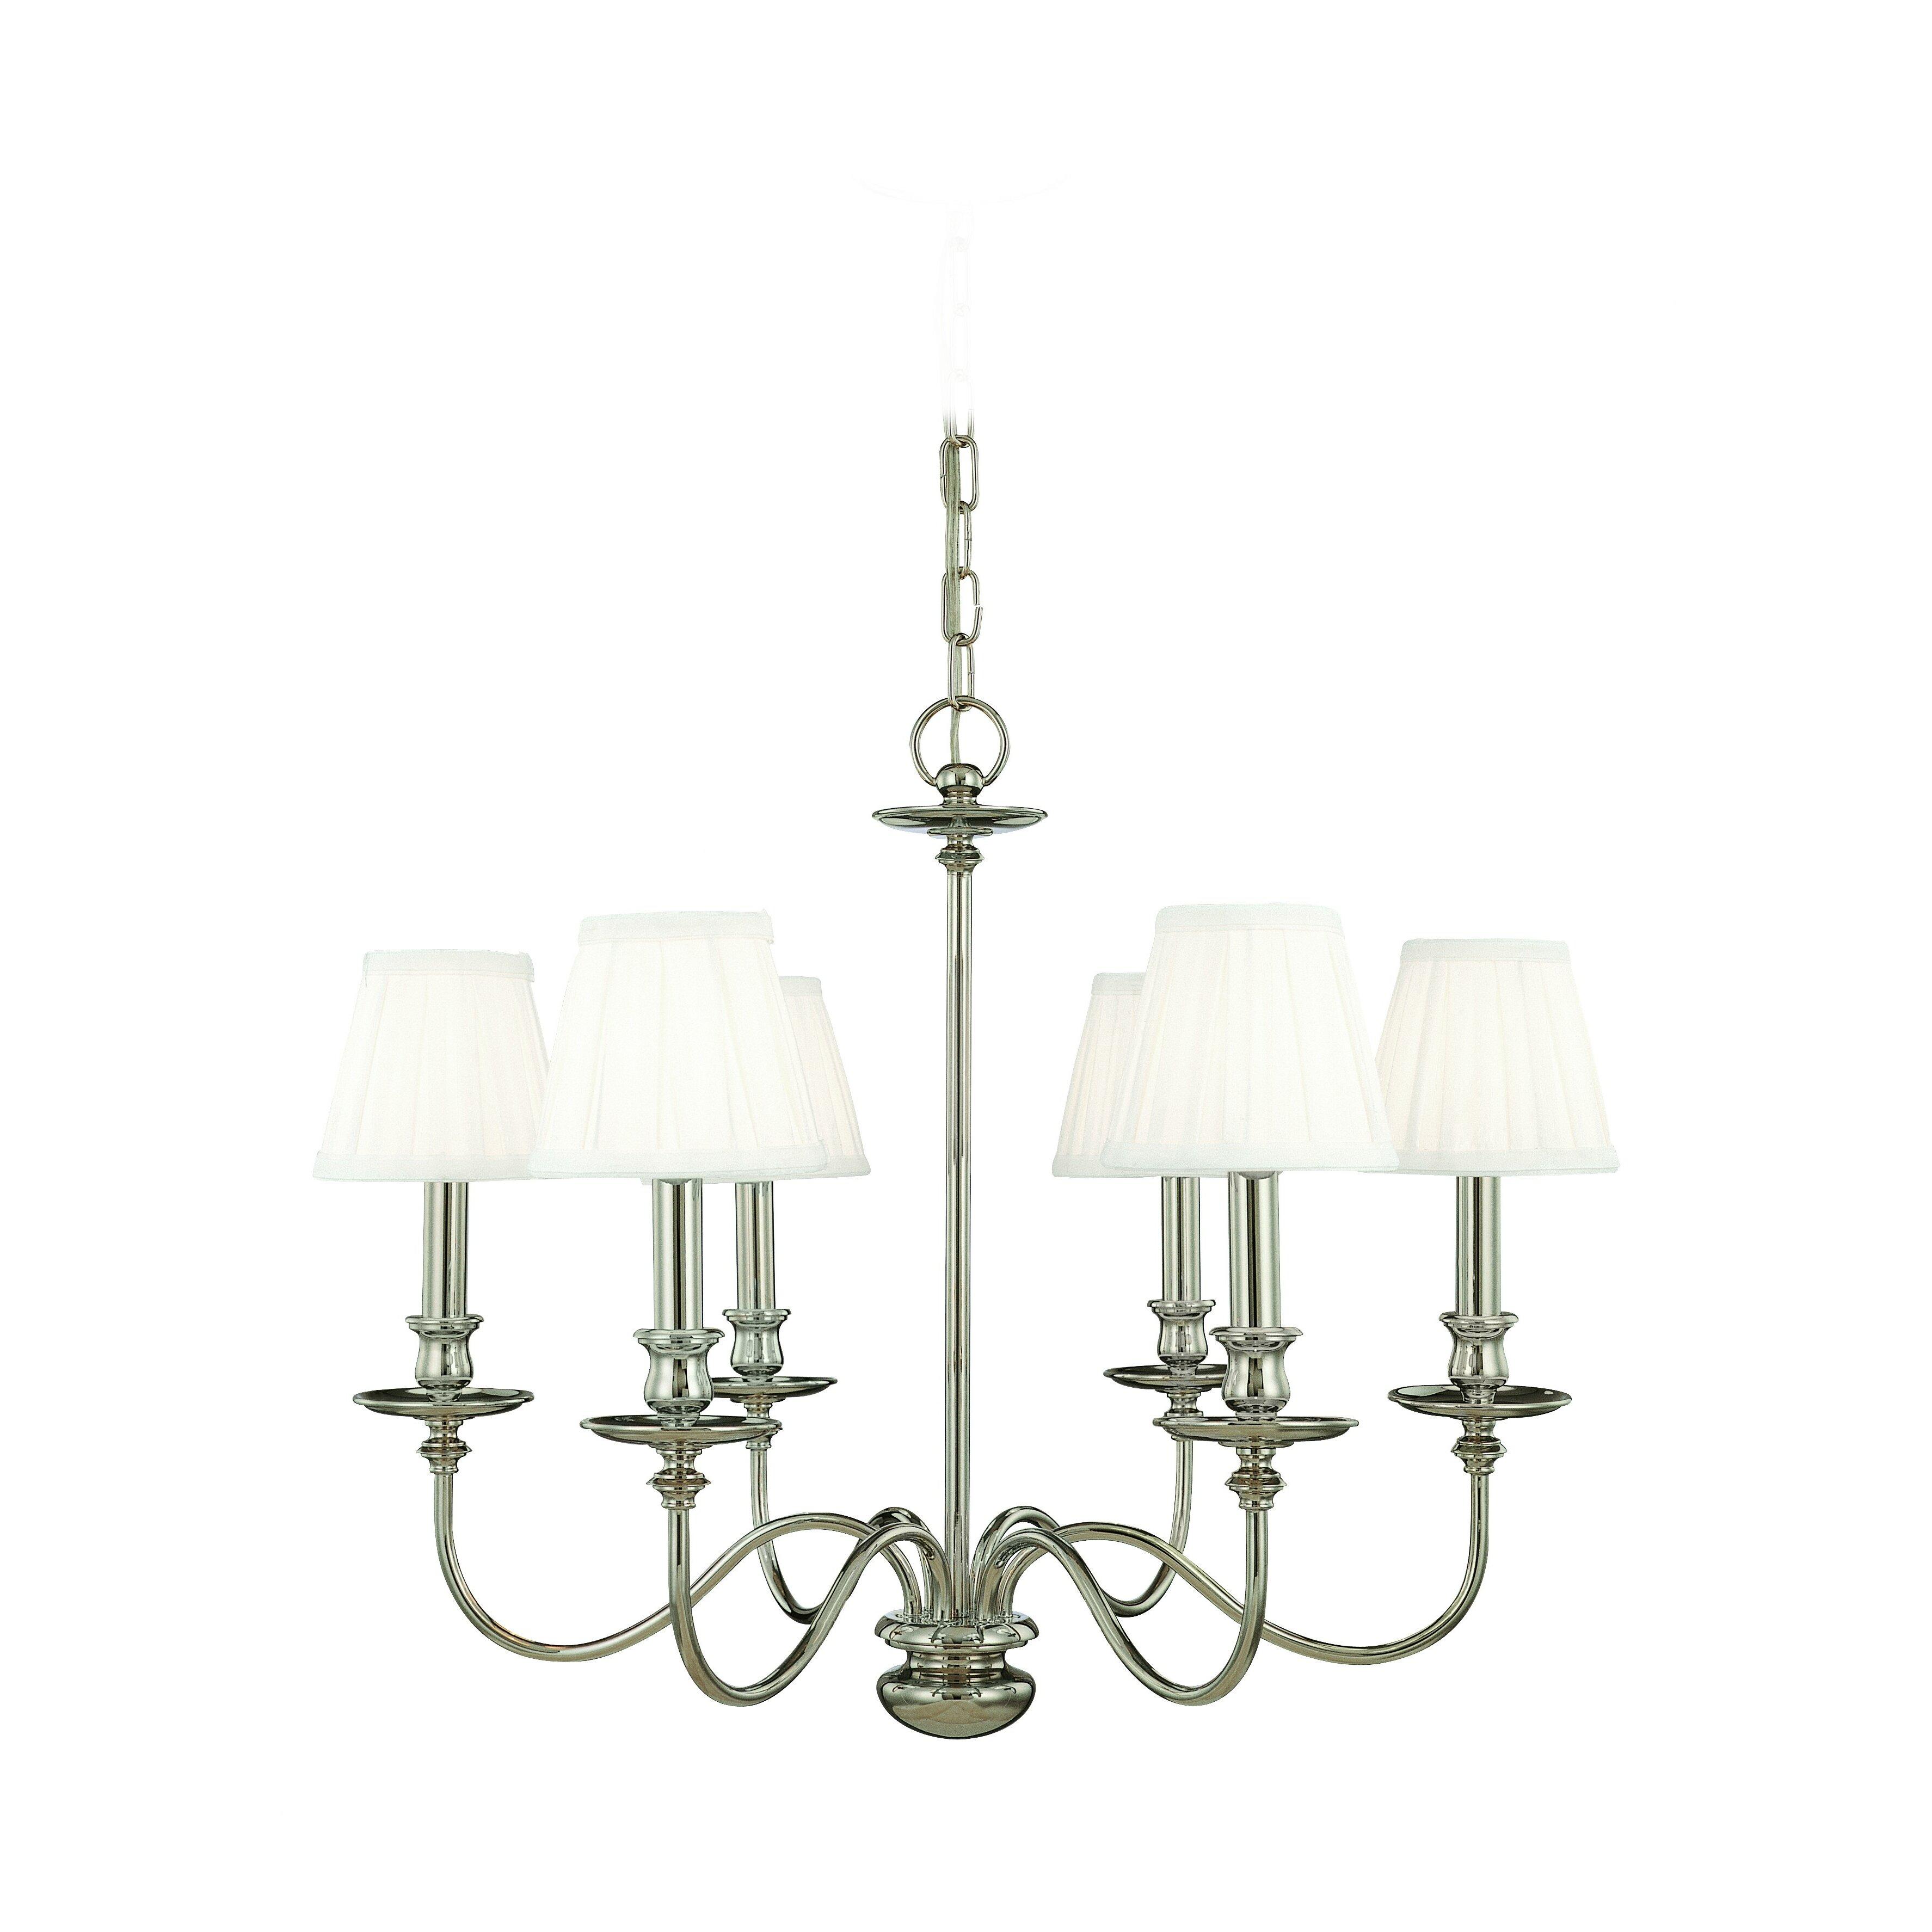 hudson valley lighting menlo park 6 light chandelier